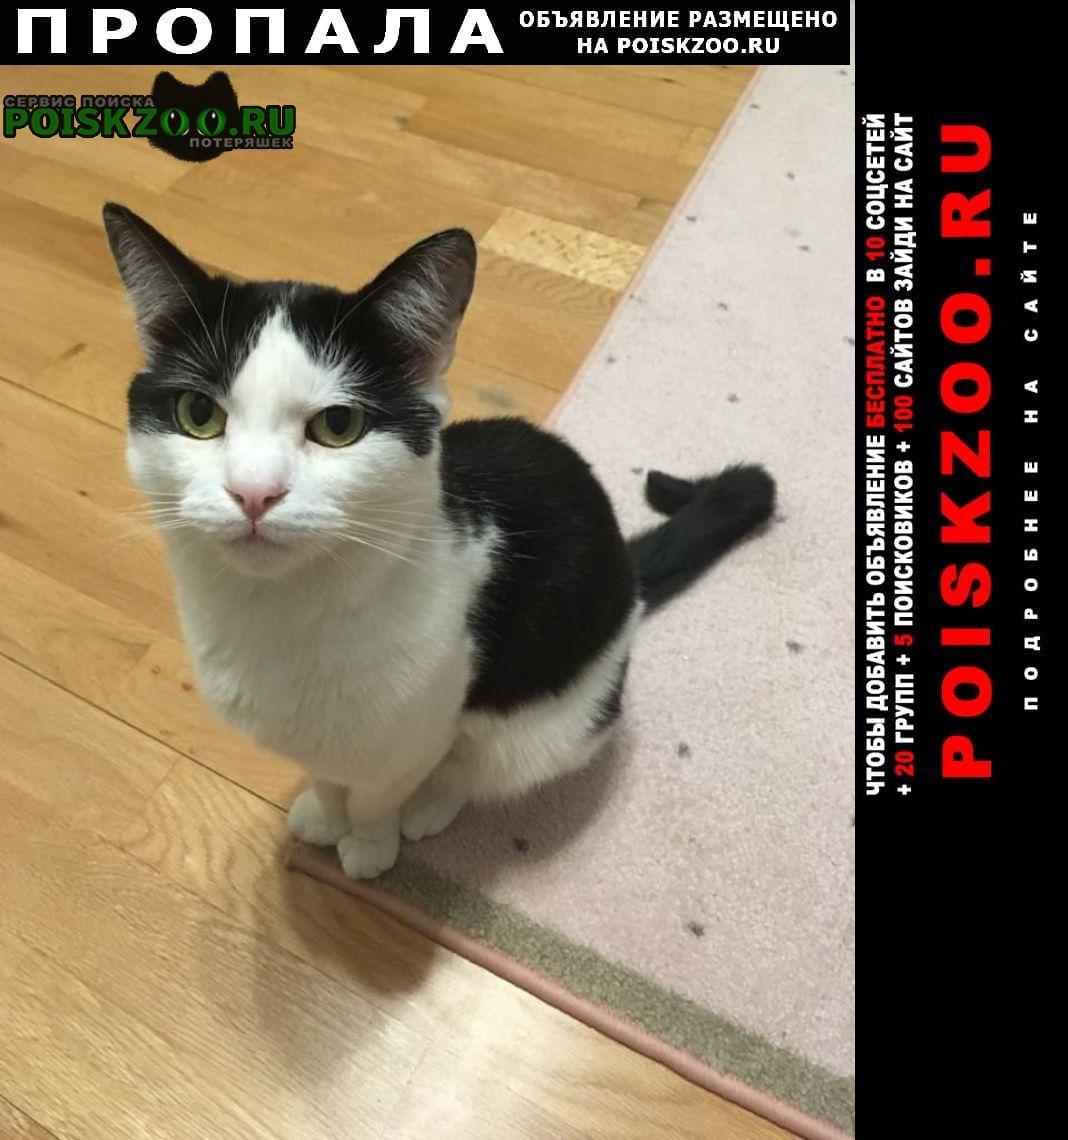 Одинцово Пропала кошка - кот 06 января 2021 в пос.власиха мо